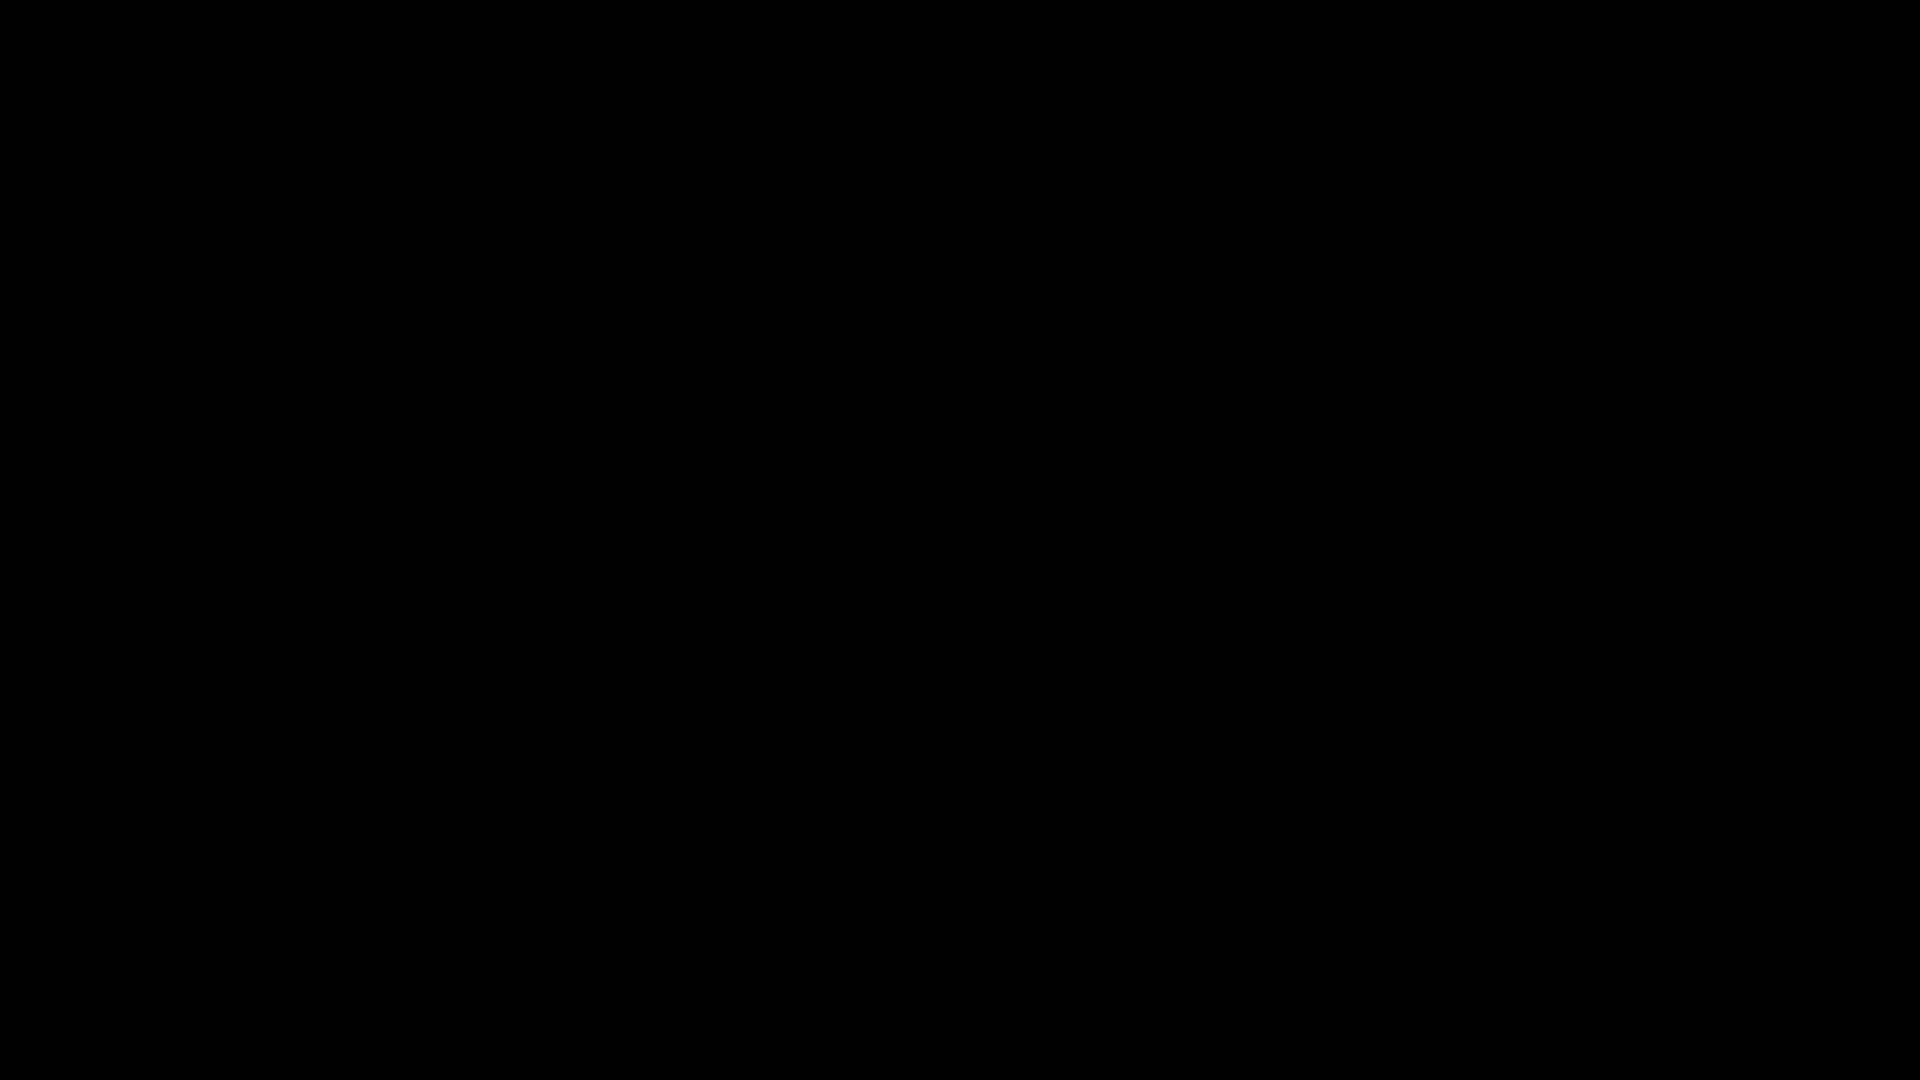 極上泡姫物語 Vol.78 - 青山はな【巨乳・スレンダー・中出し】